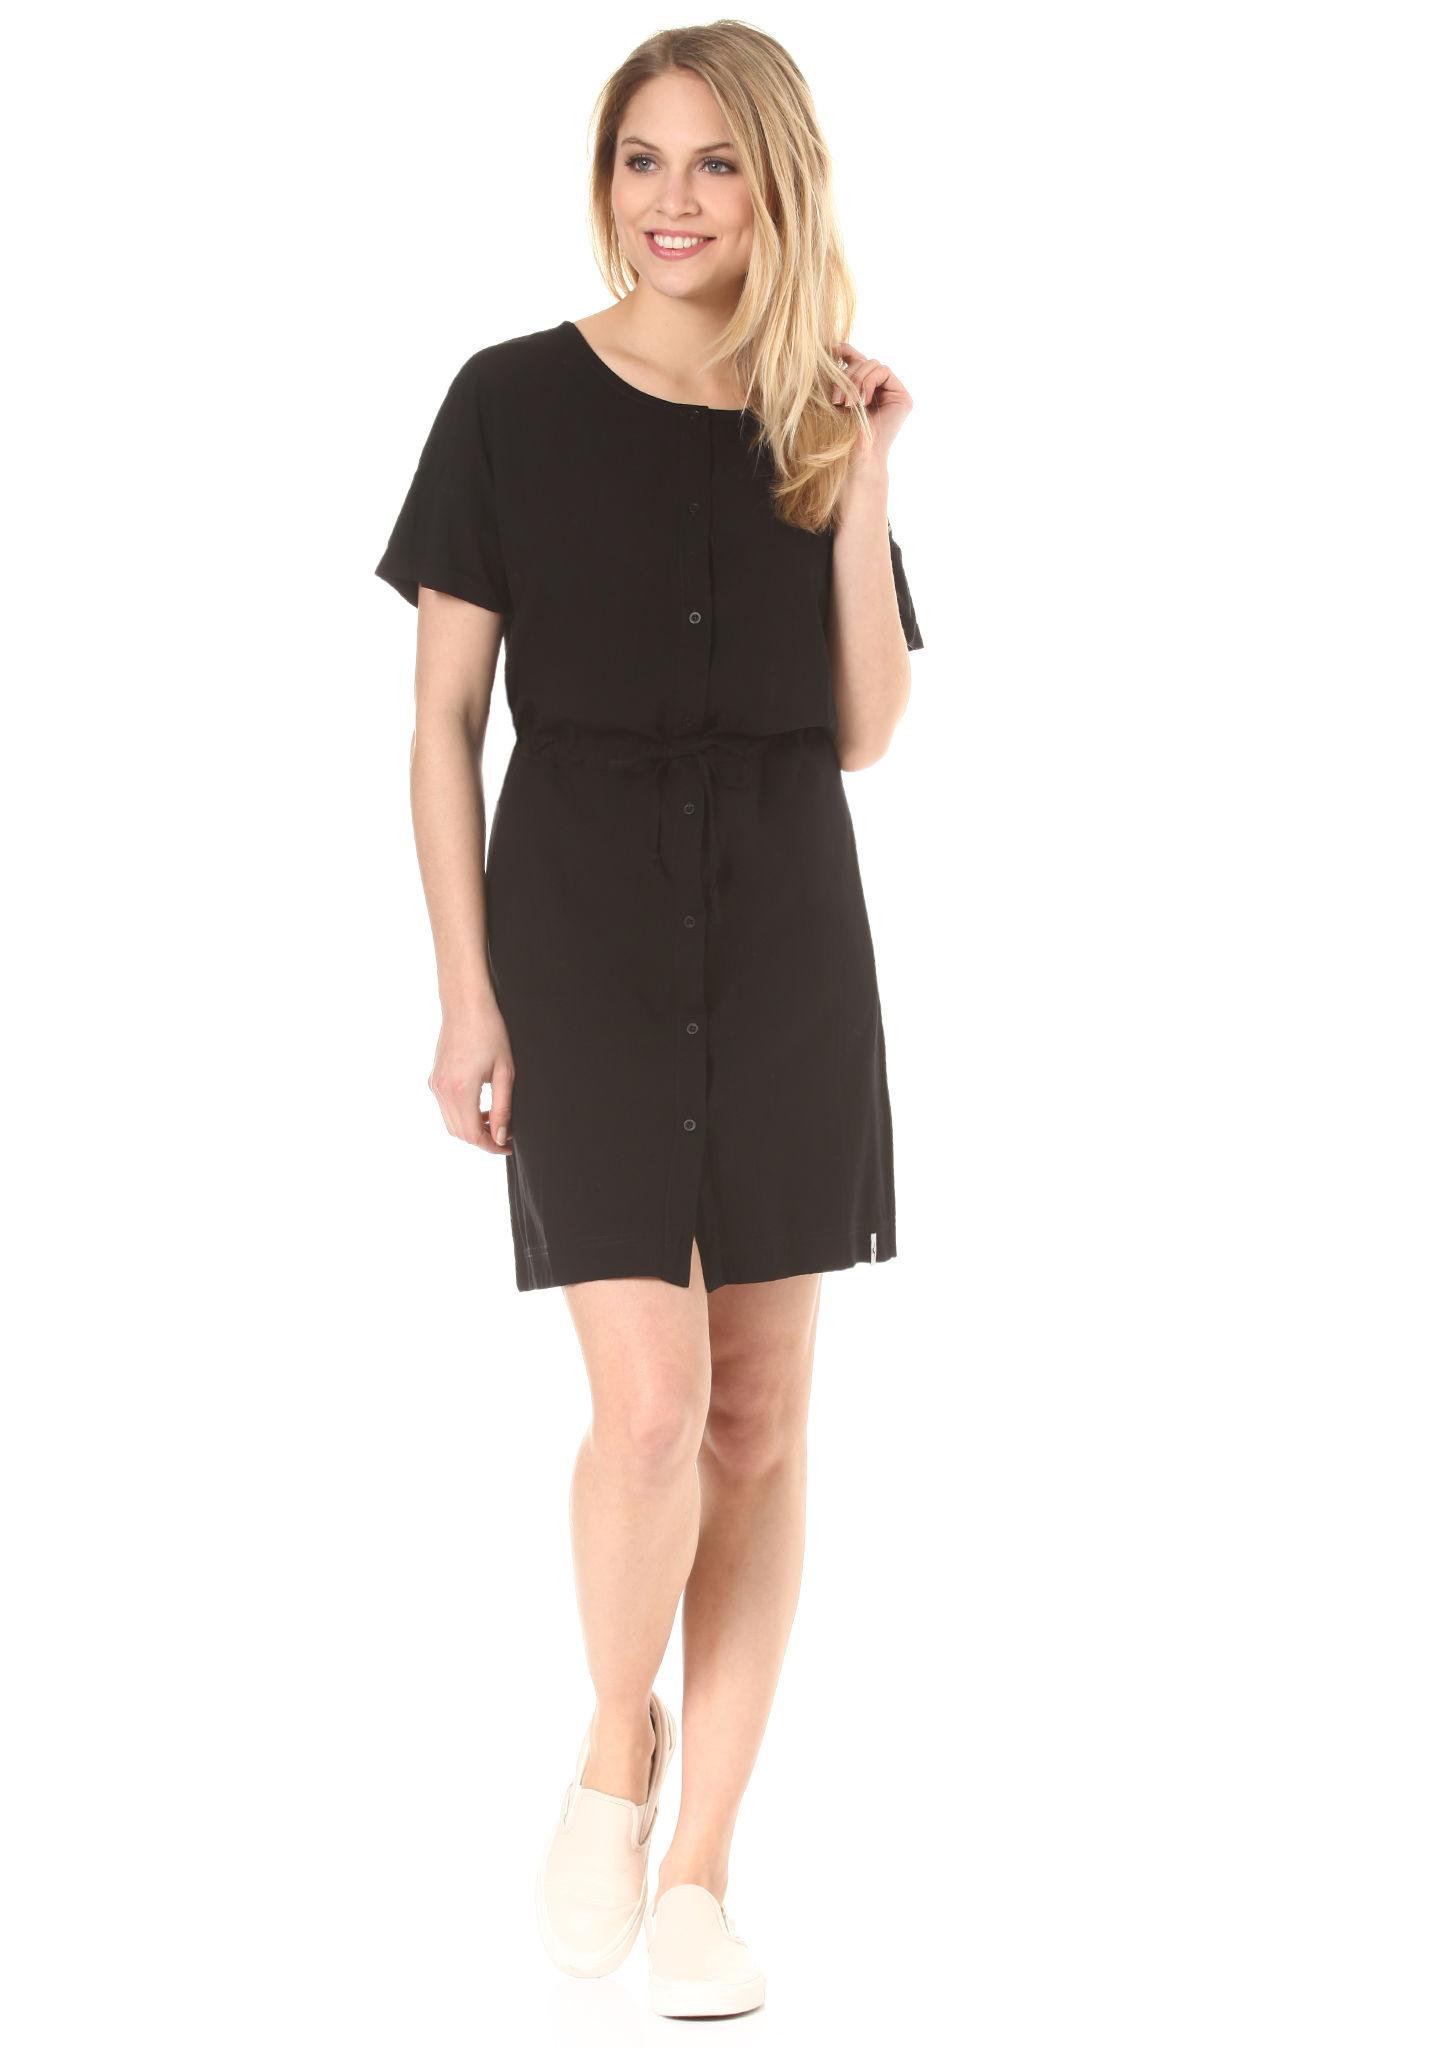 15 Leicht Kleid Damen Schwarz Ärmel20 Leicht Kleid Damen Schwarz Boutique